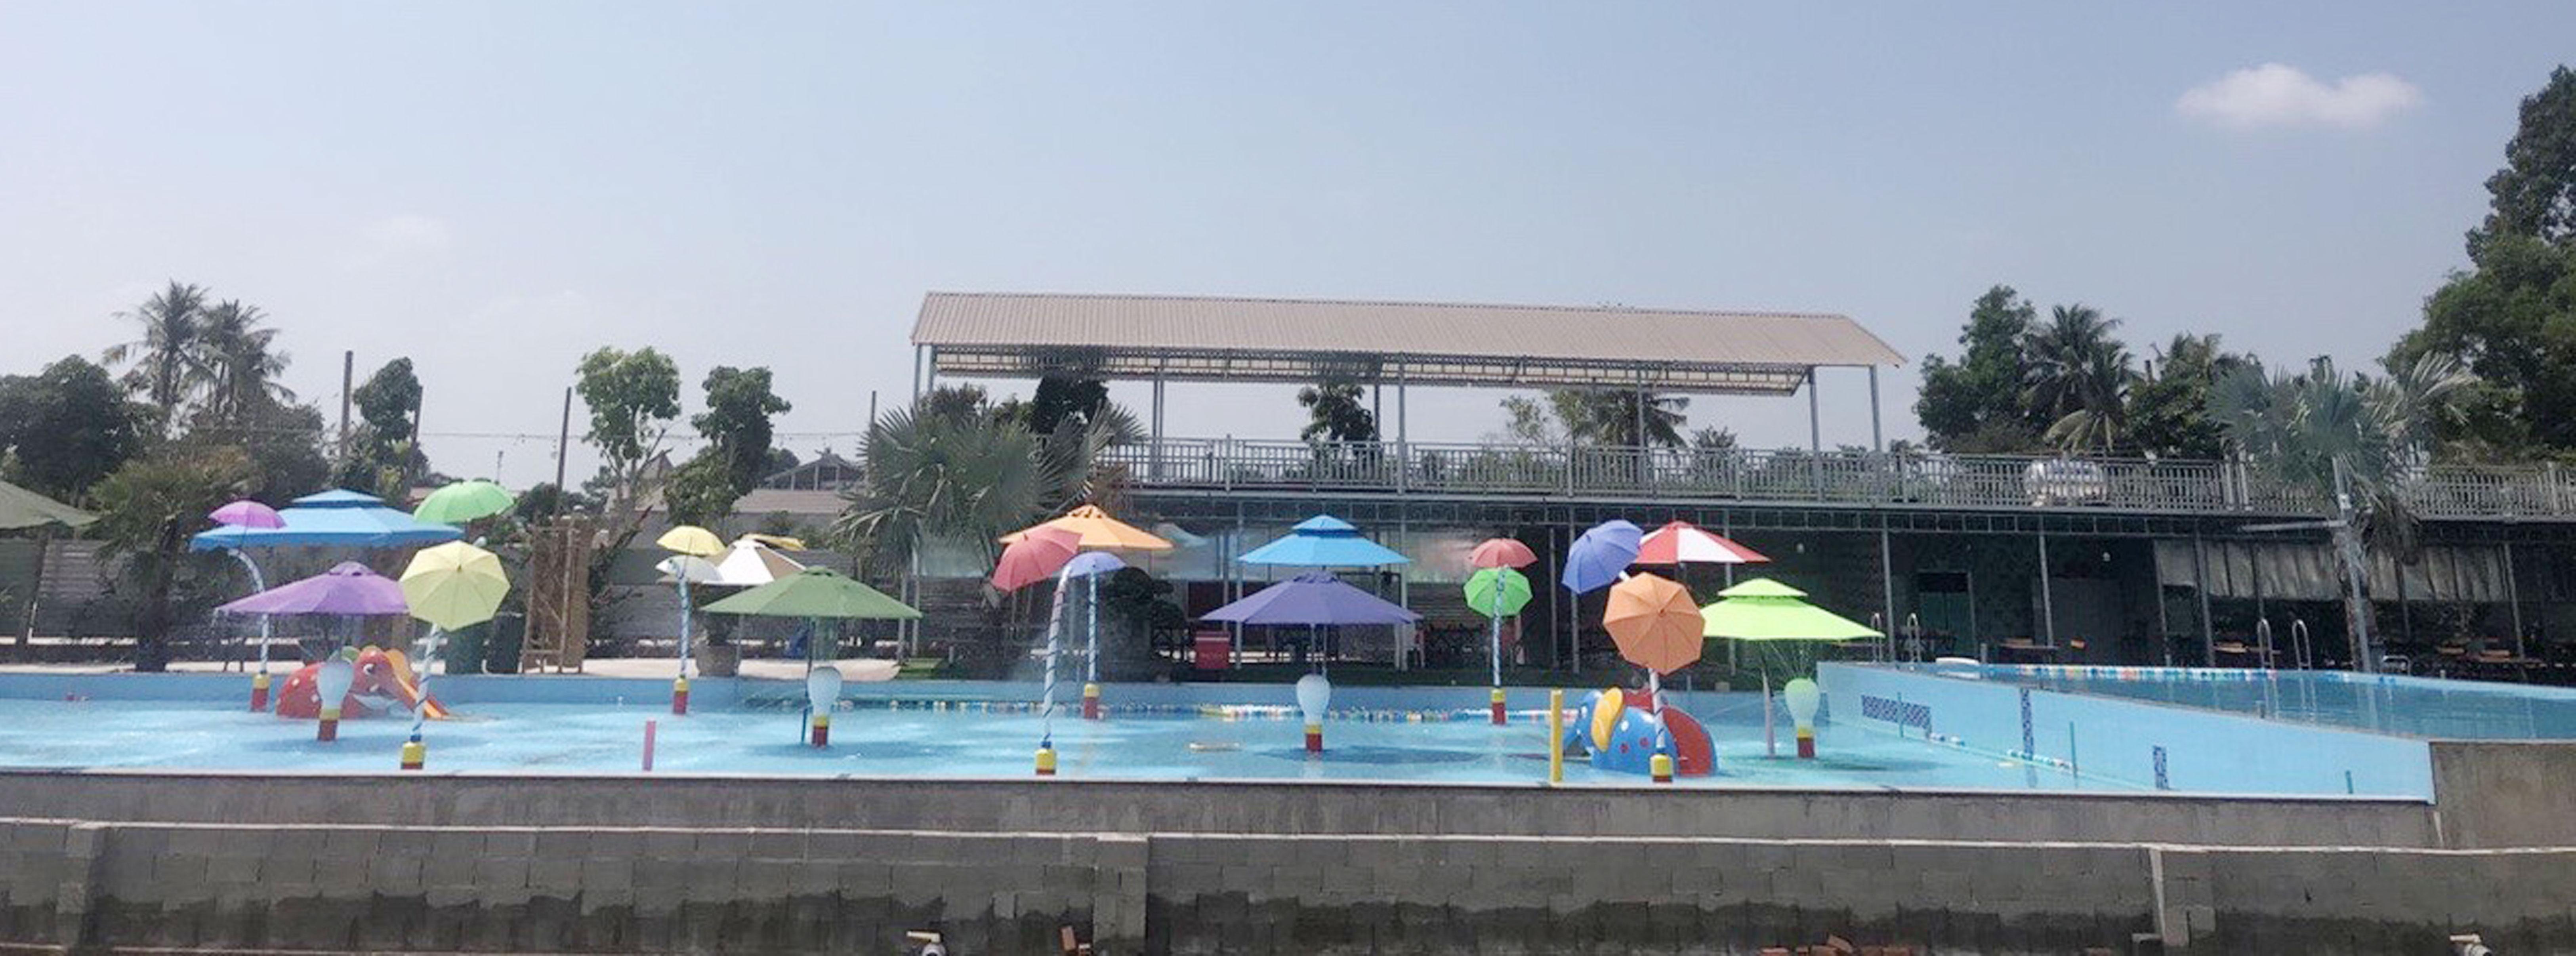 Dù Che Nắng Hồ Bơi Đẹp giá rẻ Hà Nội